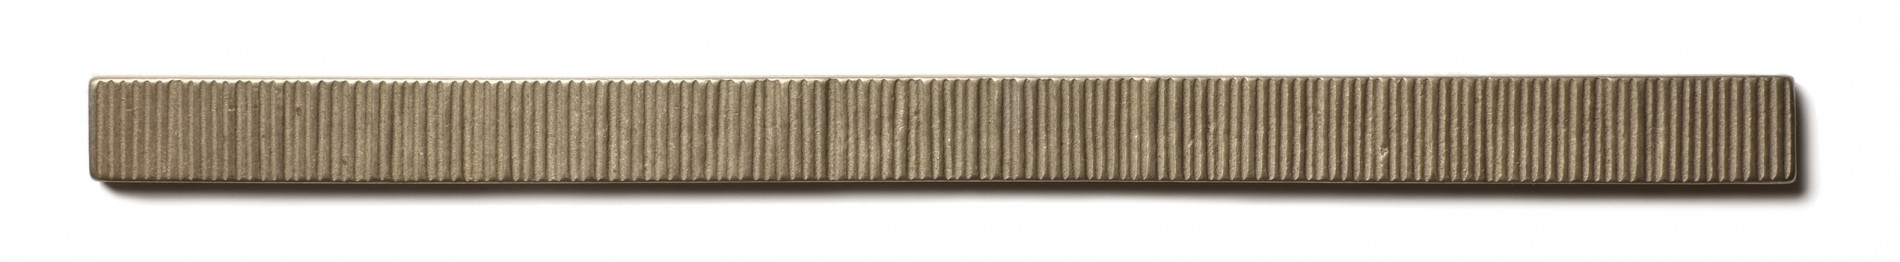 Beach Grass Liner 0.75x12 inch accent liner  White Bronze